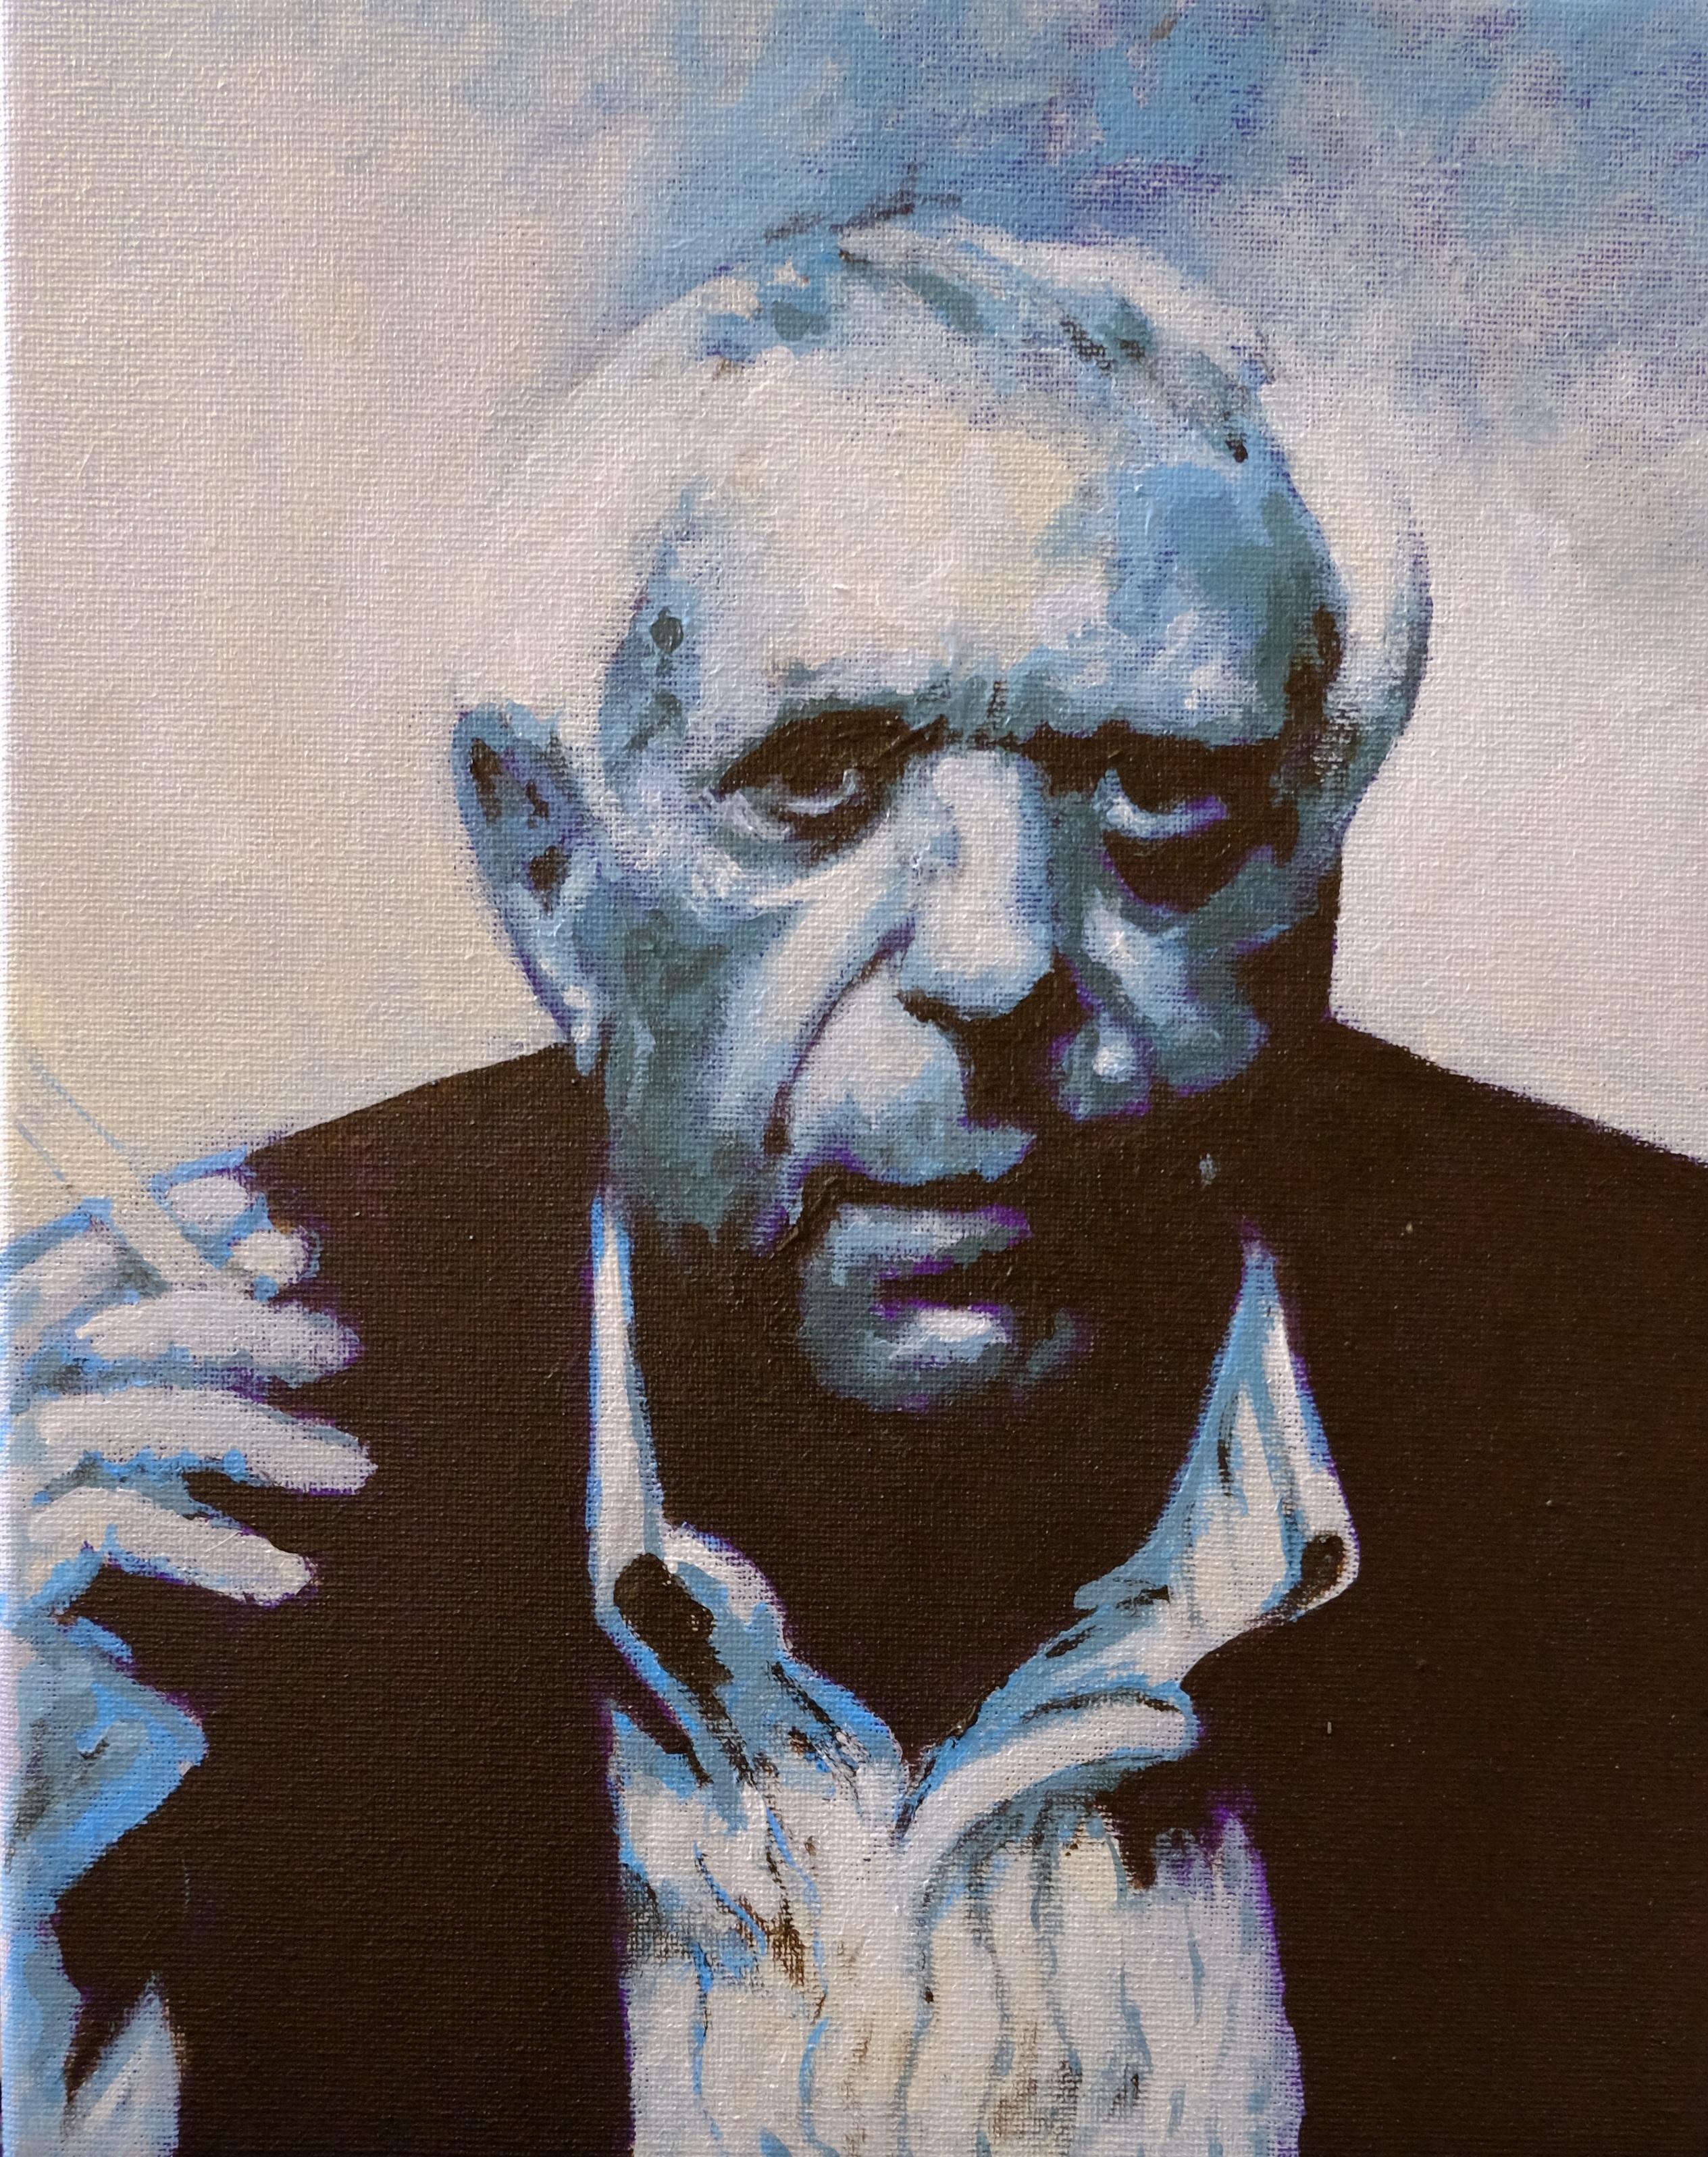 Bahman Mohasses (I)